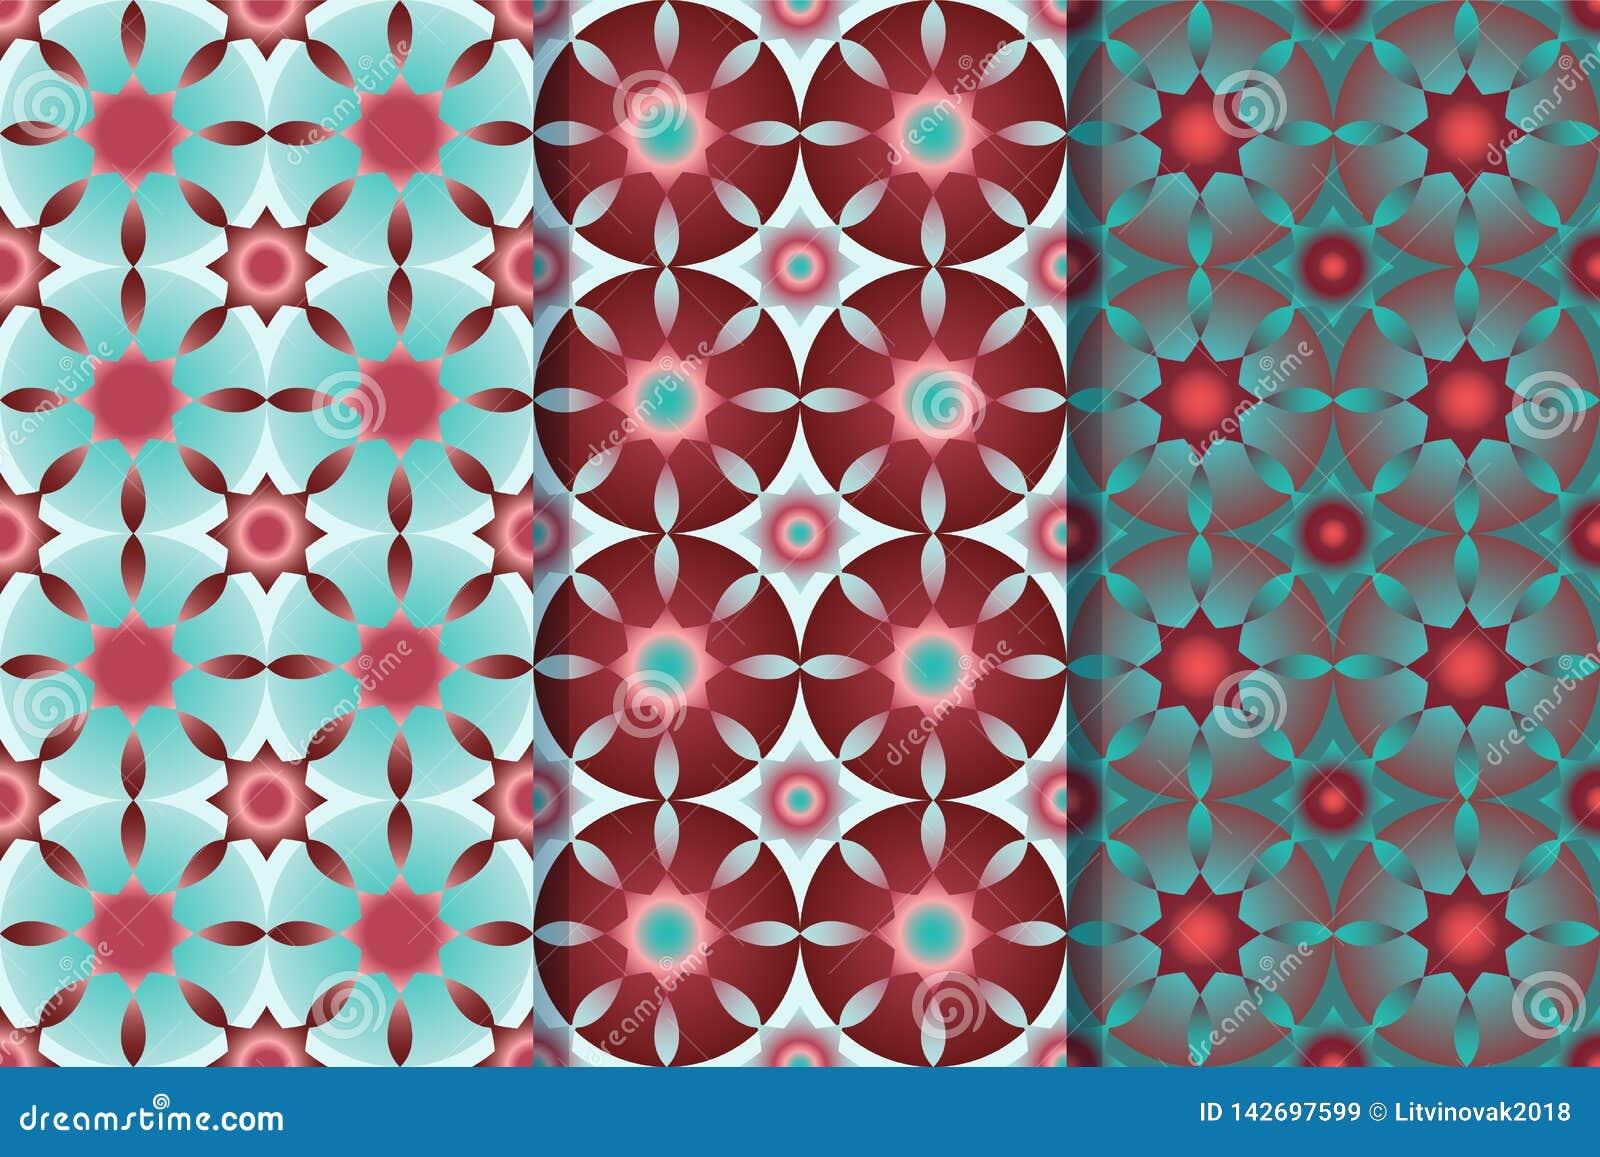 Установите 3 безшовных картин со звездами в одном стиле Красочная иллюстрация, eps10